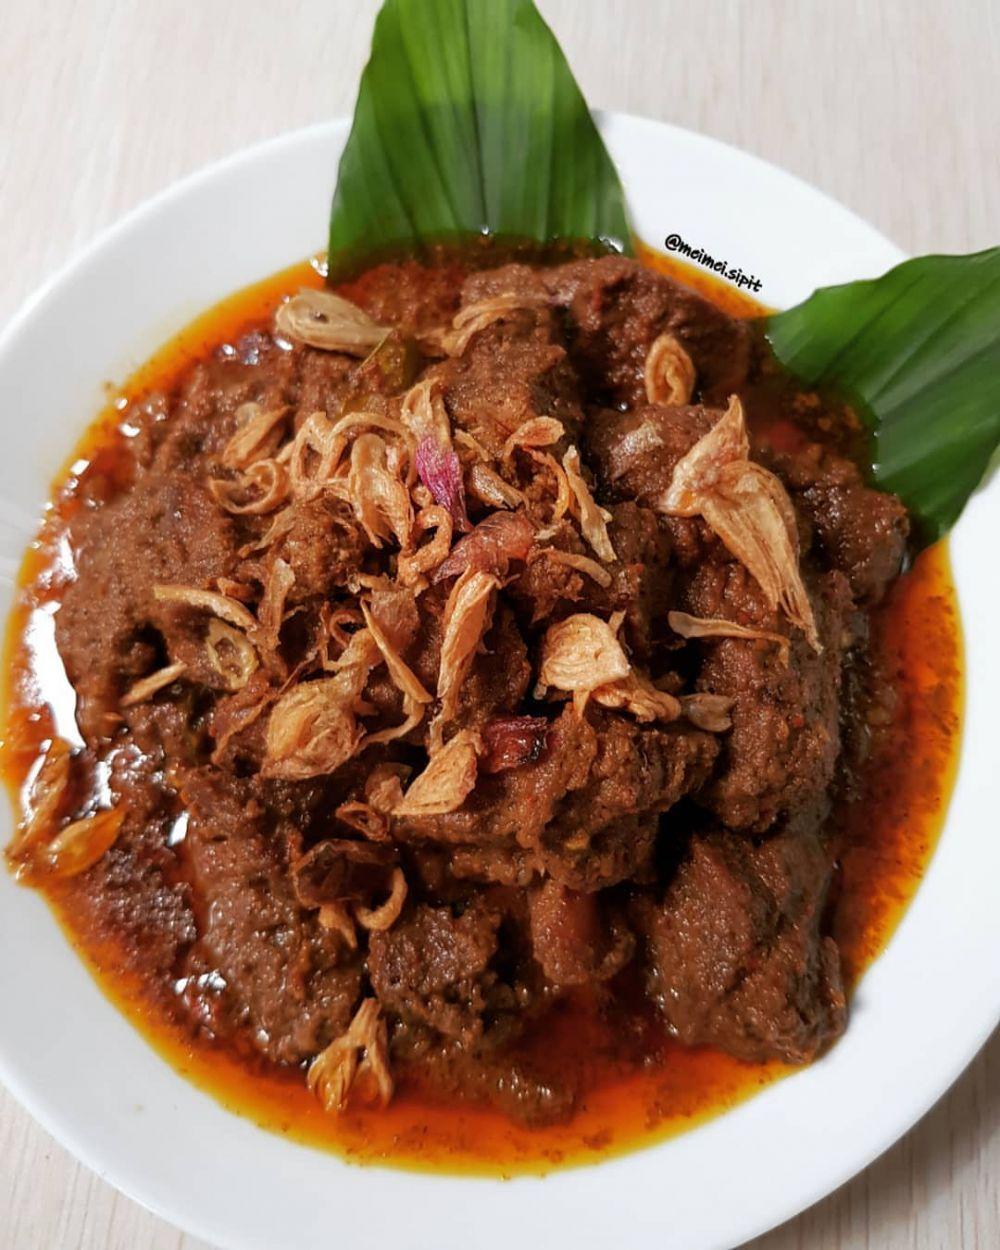 18 Resep Masakan Daging Sapi Enak Sederhana Mudah Dibuat Instagram Resepdaging Resep Idemasak Id Di 2020 Resep Masakan Masakan Resep